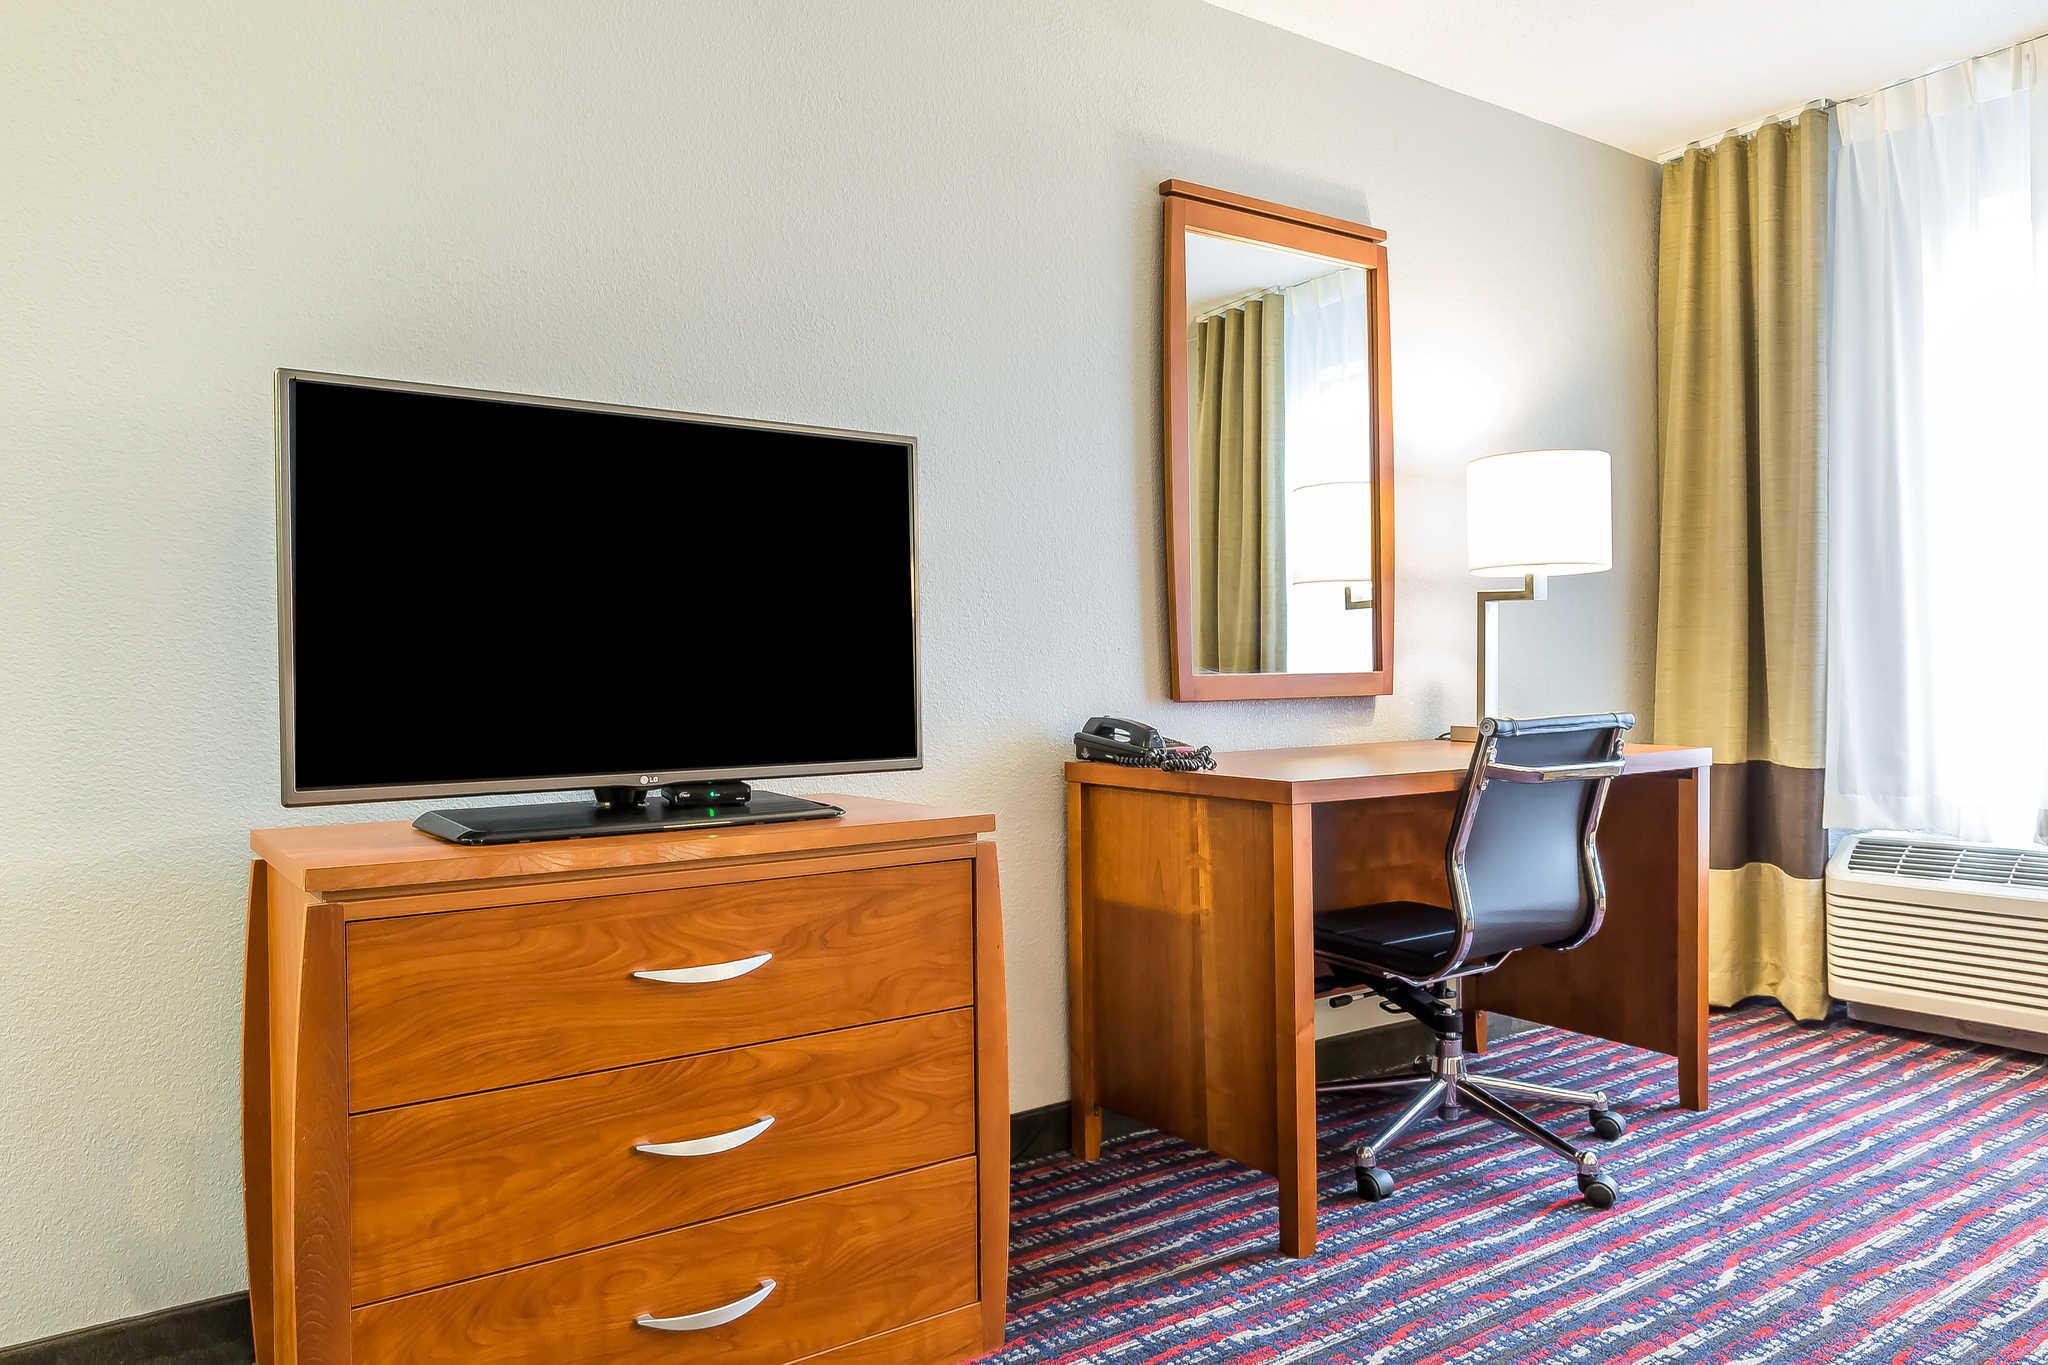 Comfort Inn image 22